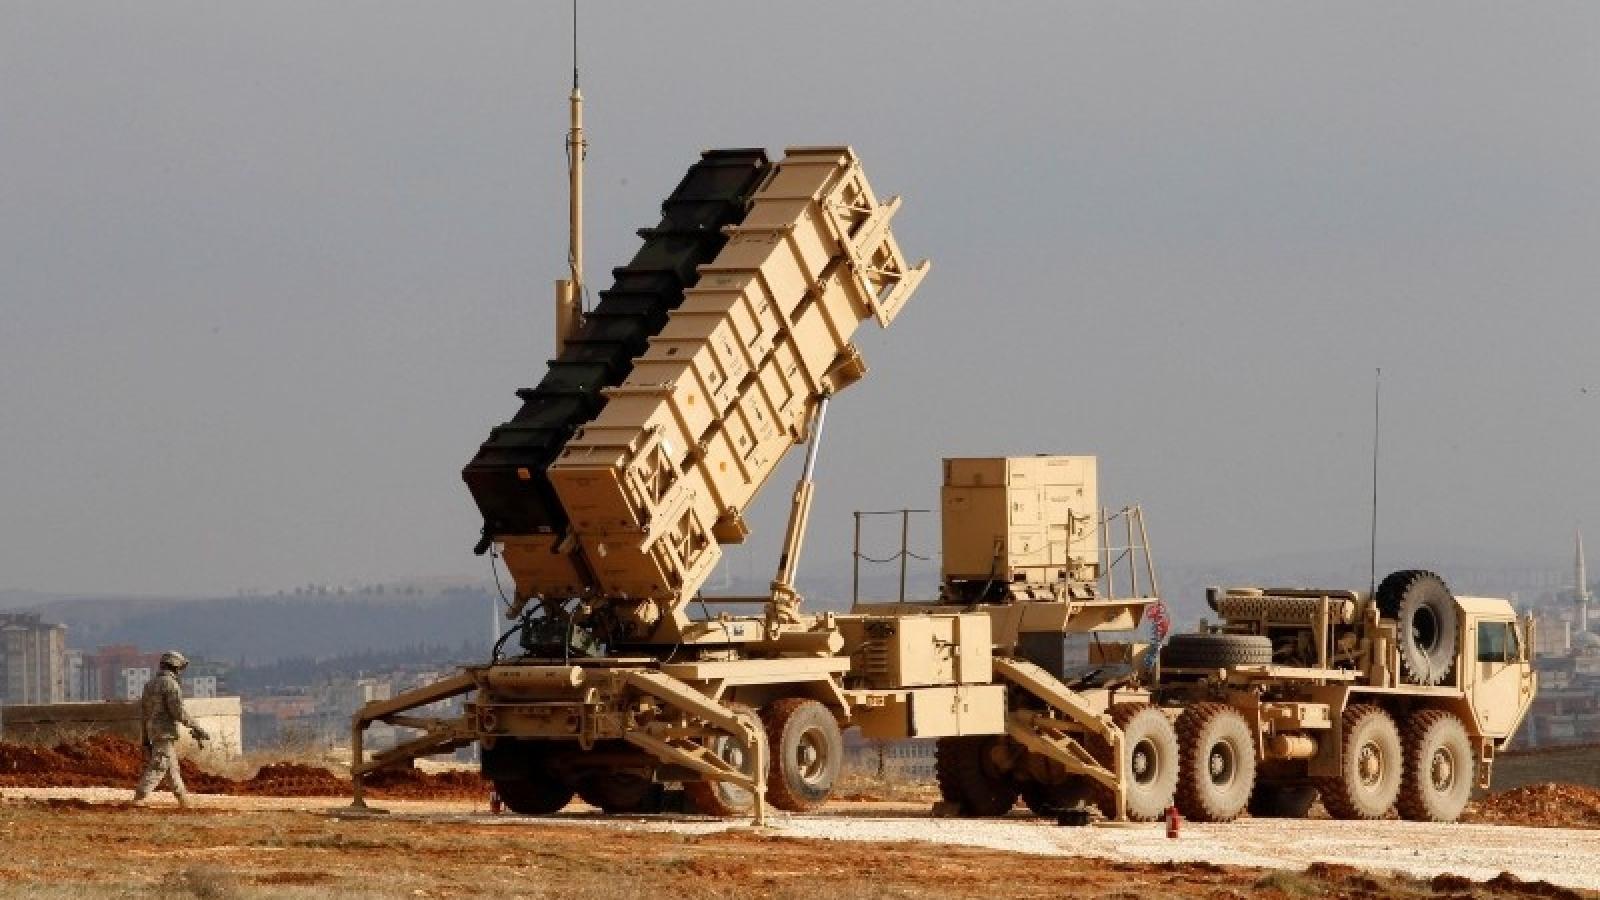 Thổ Nhĩ Kỳ vẫn muốn mua hệ thống tên lửa phòng không Patriot của Mỹ